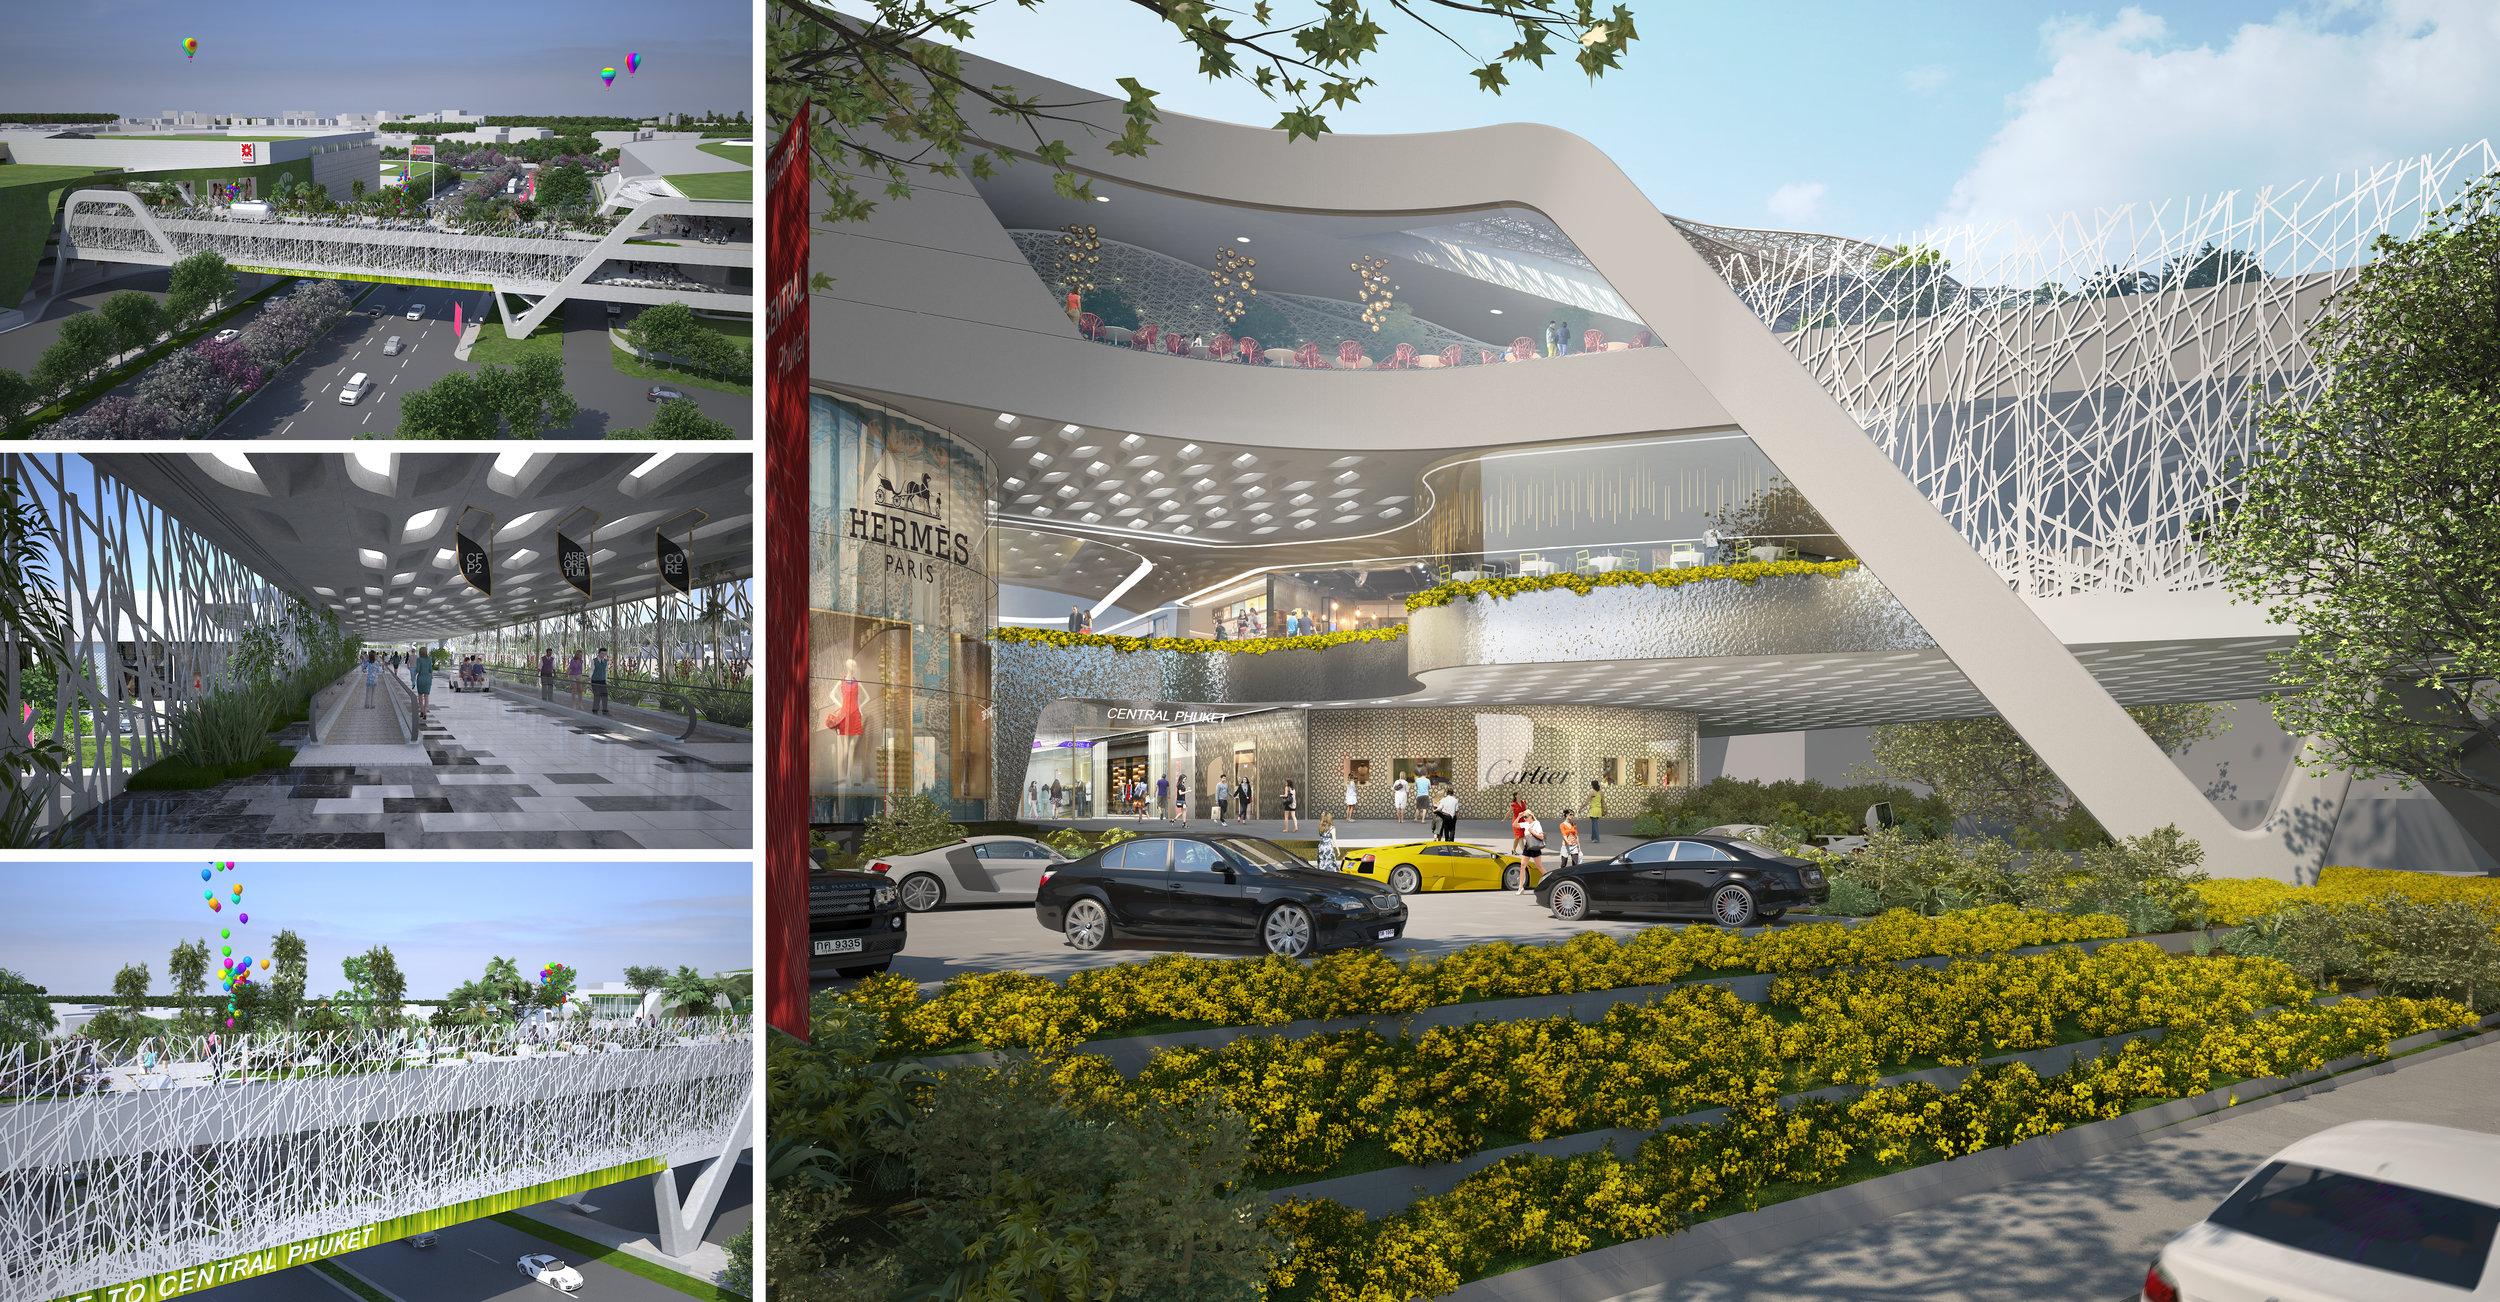 © Copyright Studio DS 2018 - Central Phuket Bridge Architecture and Interior Design